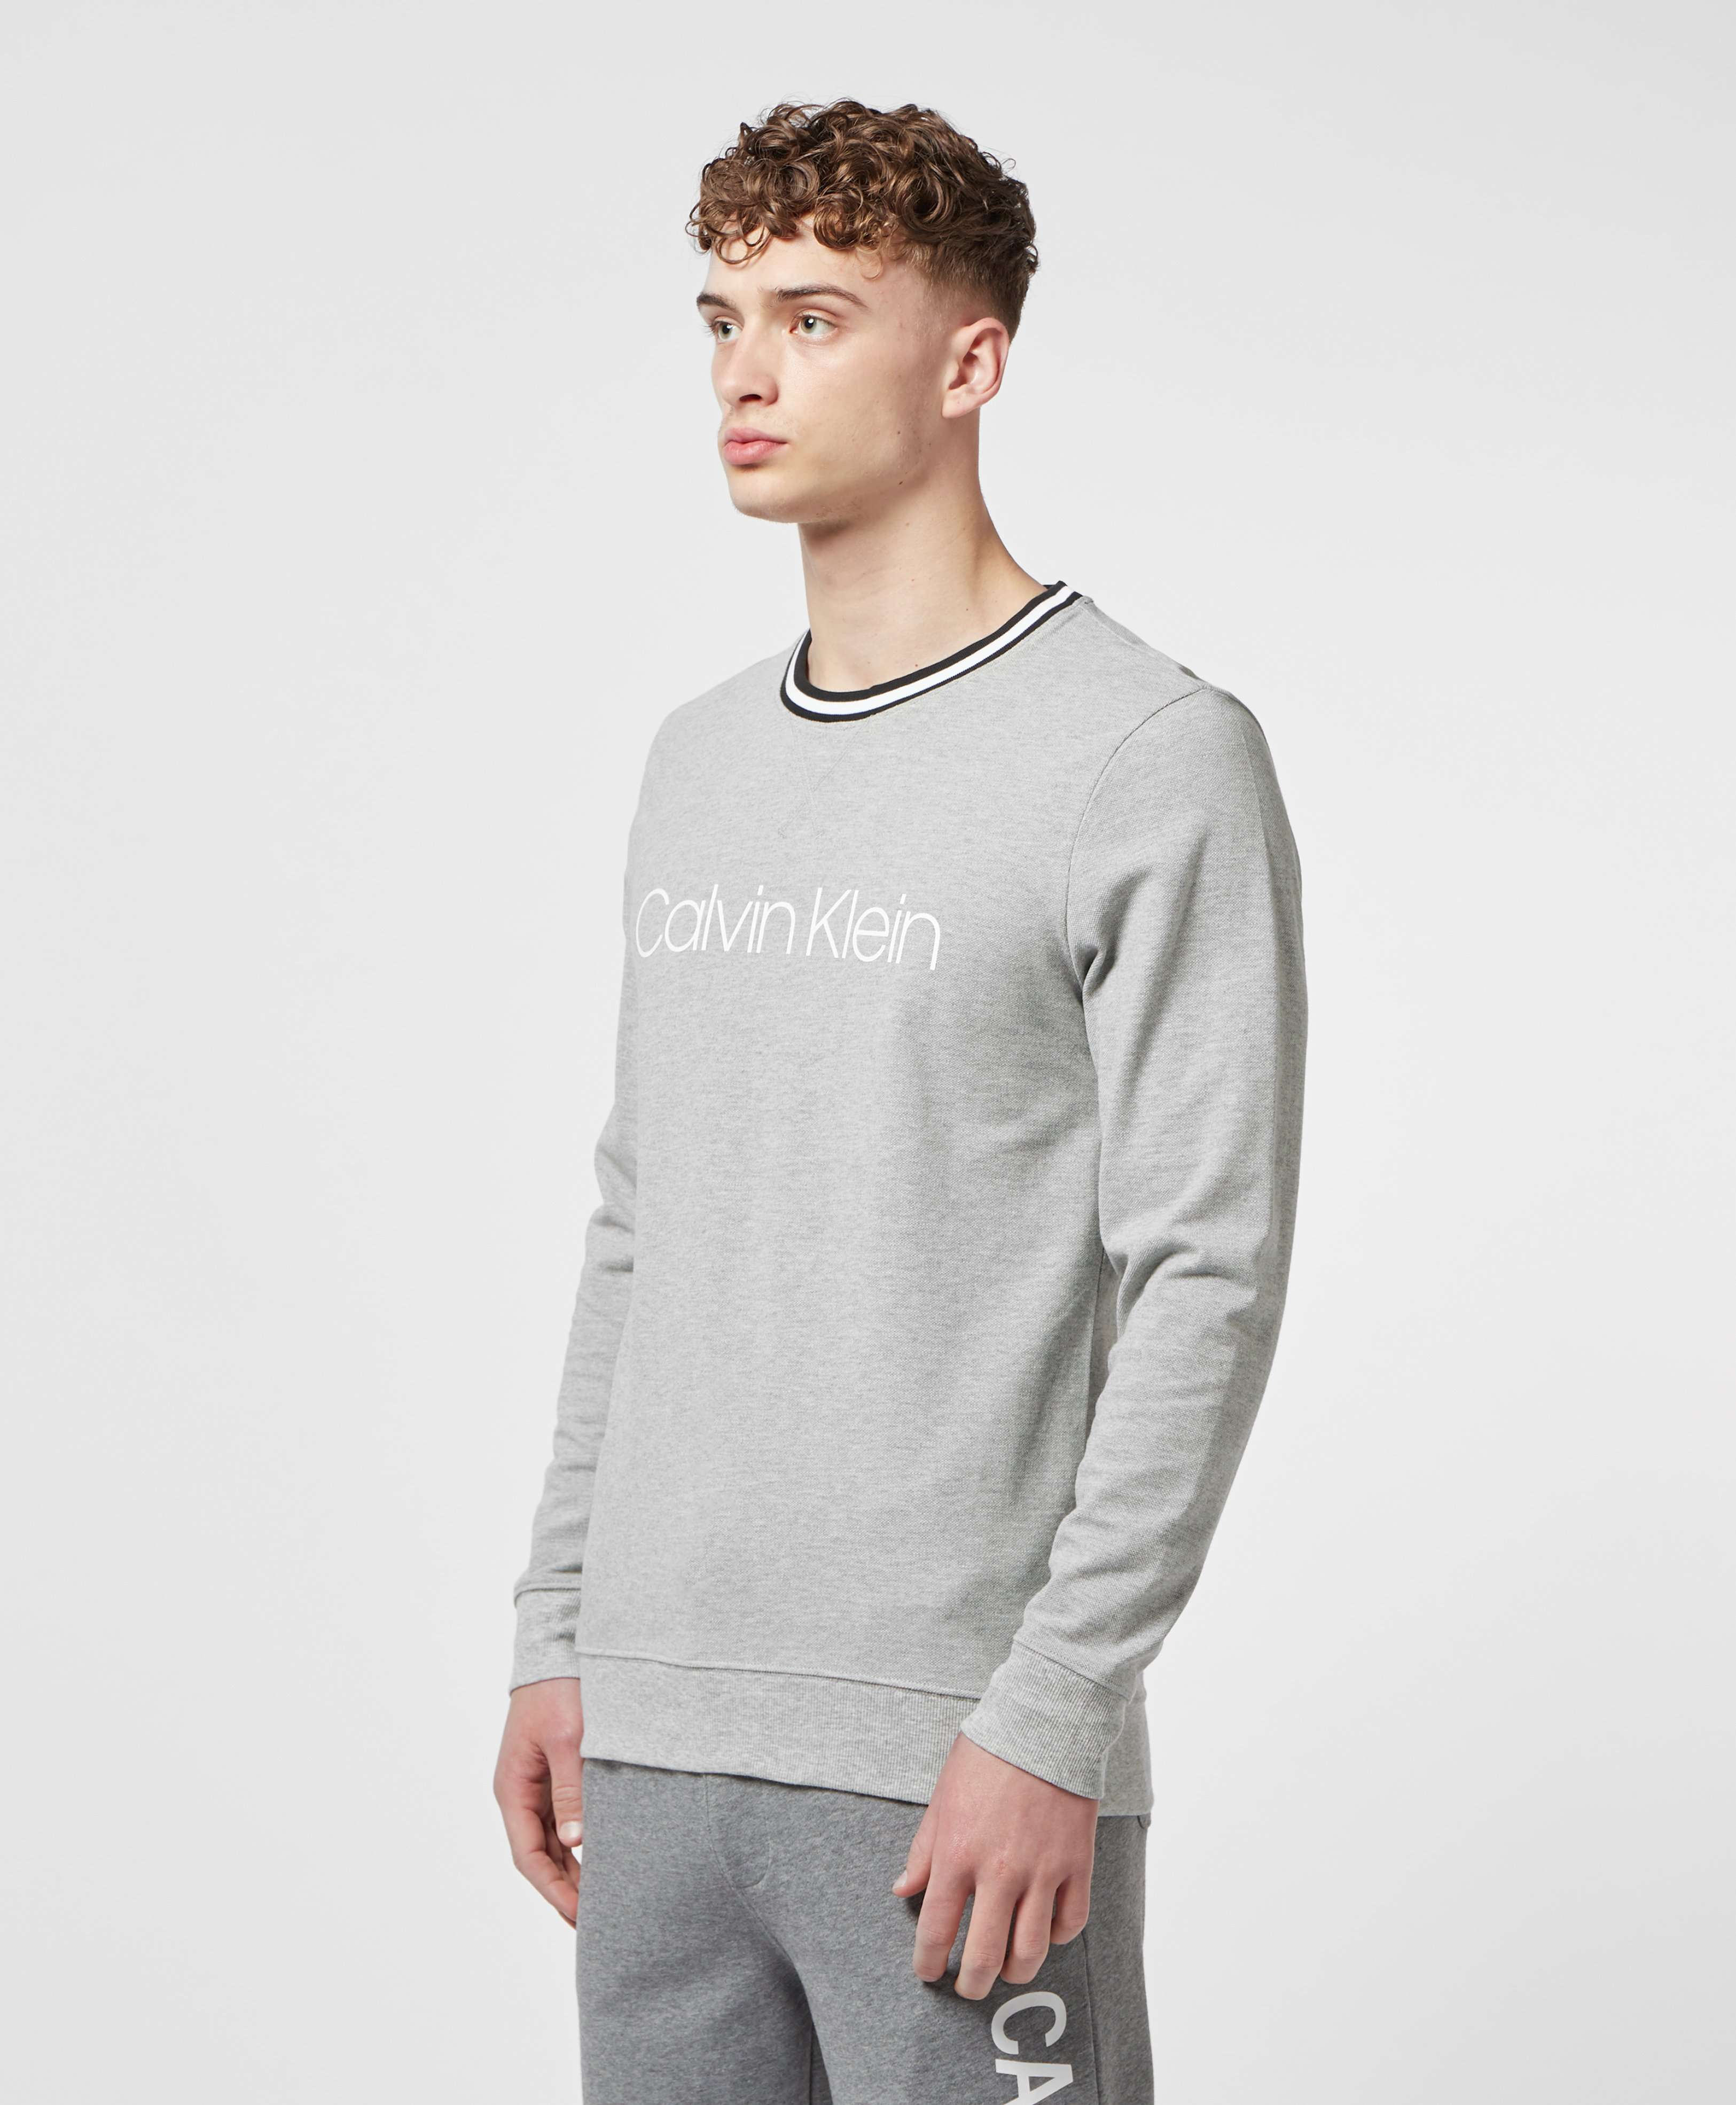 Calvin Klein Ringer Pique Sweatshirt